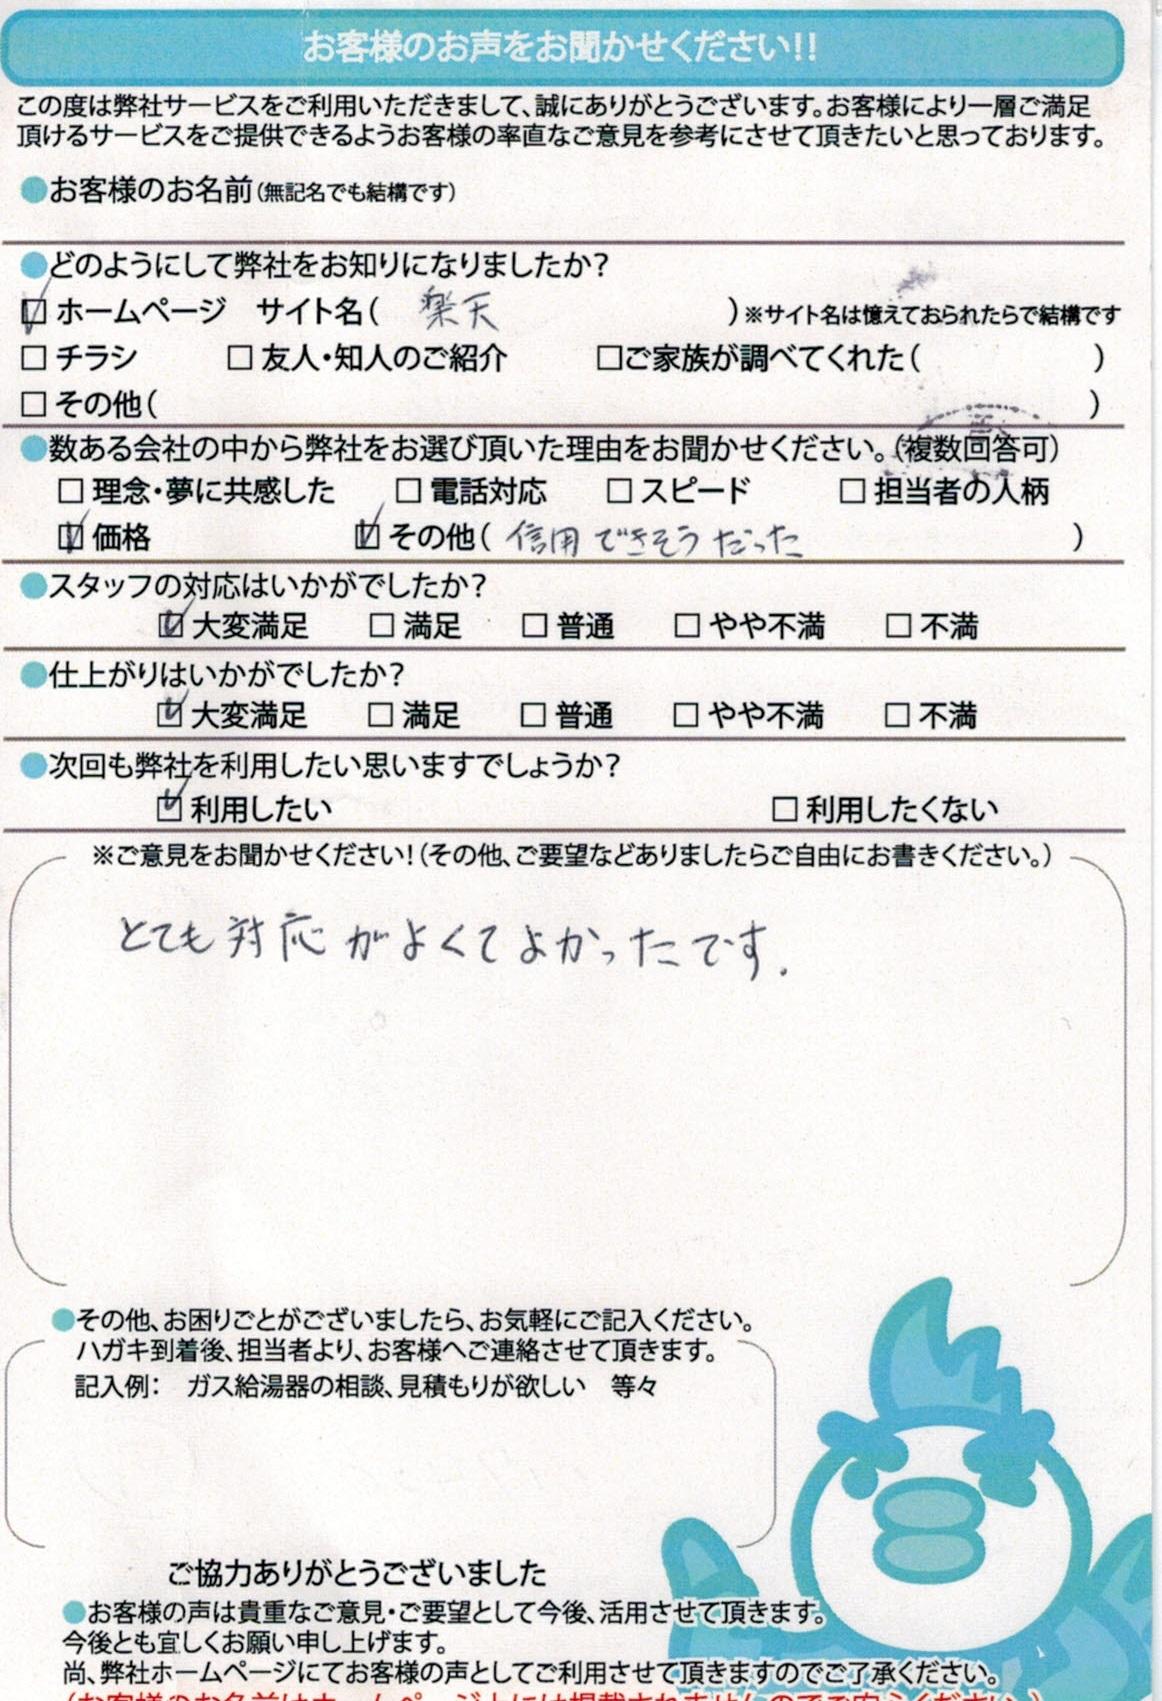 【ハガキ】神奈川県横須賀市トイレ交換工事お客様の声【アンシンサービス24】